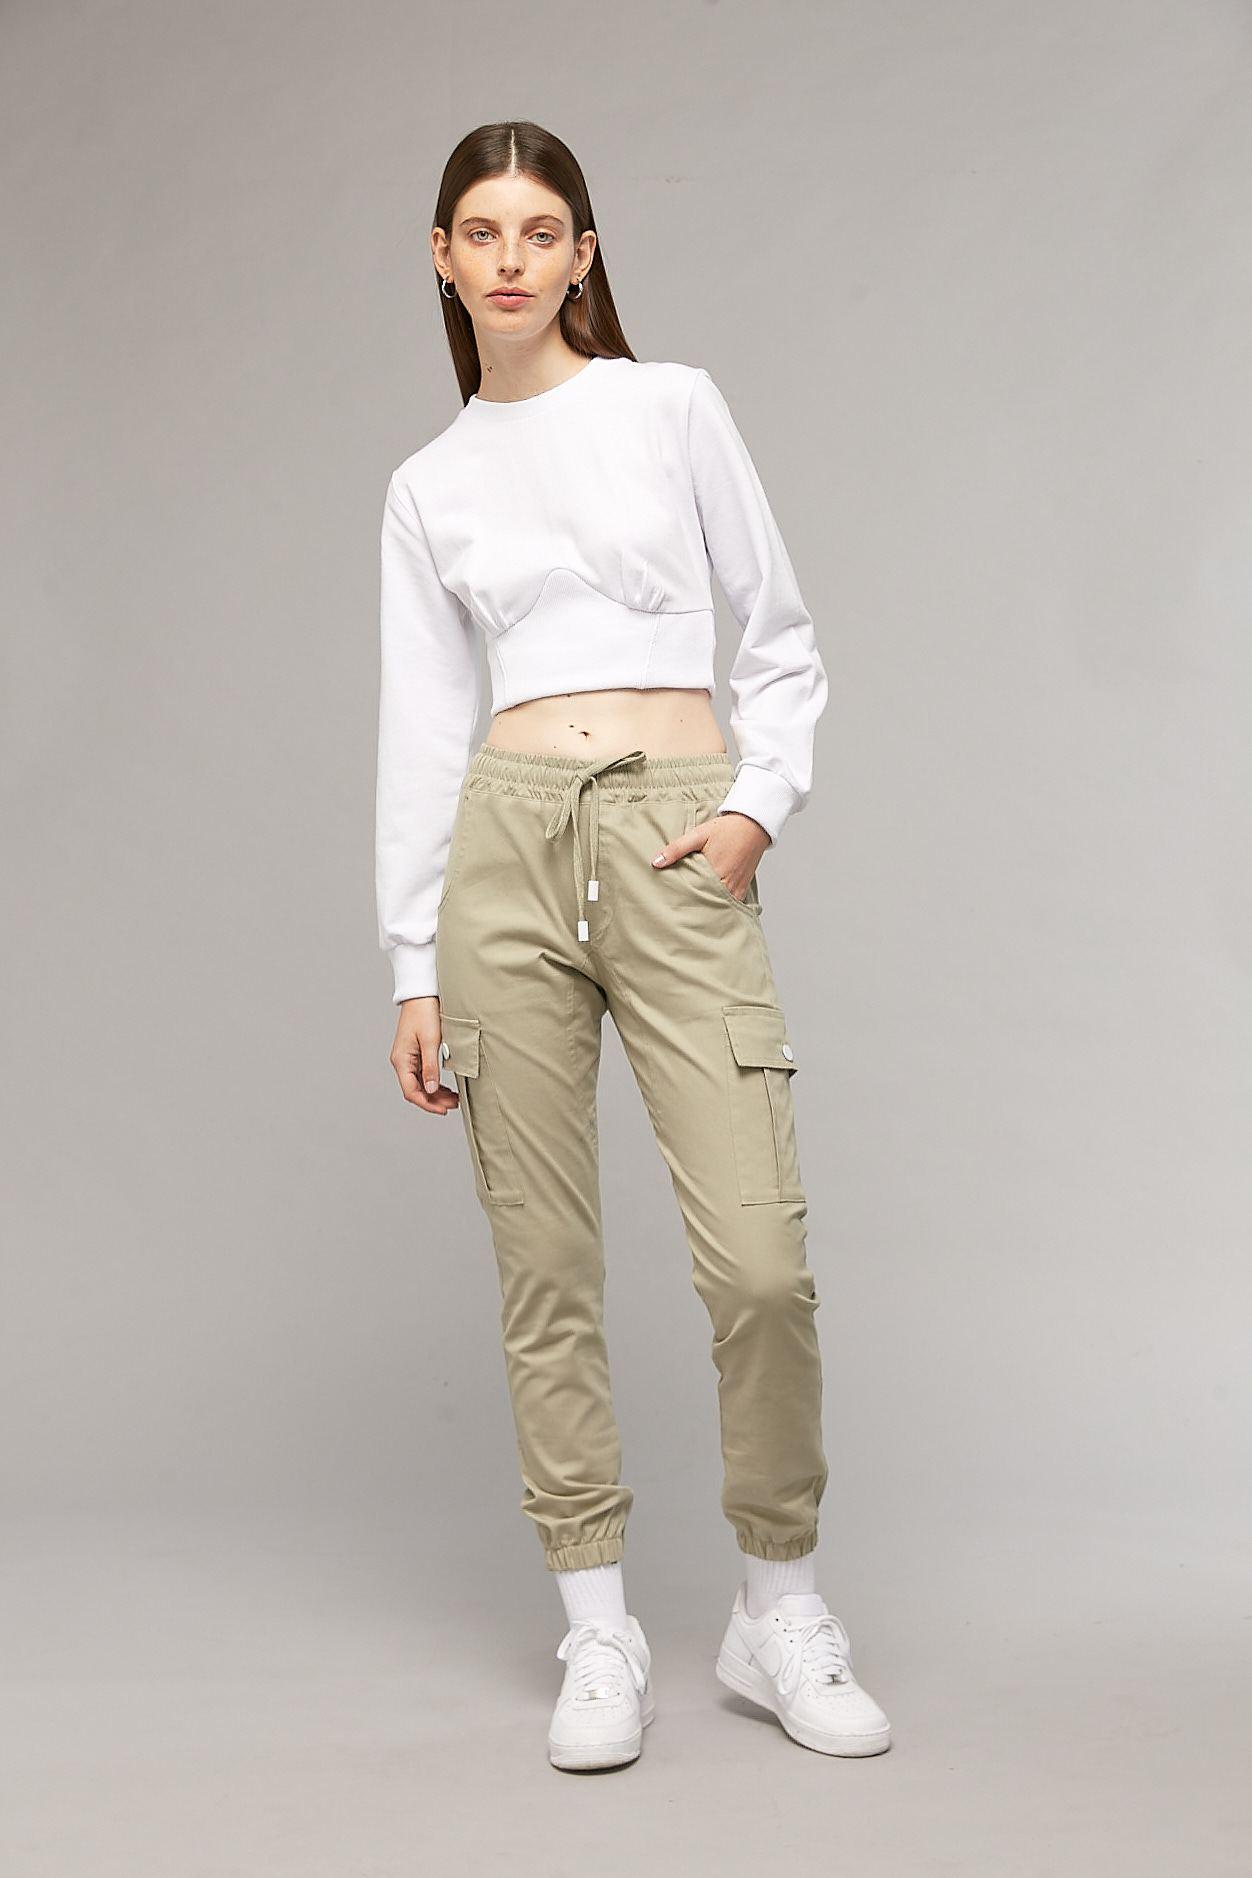 Pantalones Conoce Cuales Son Los Tipos Que Le Quedan A Tu Silueta